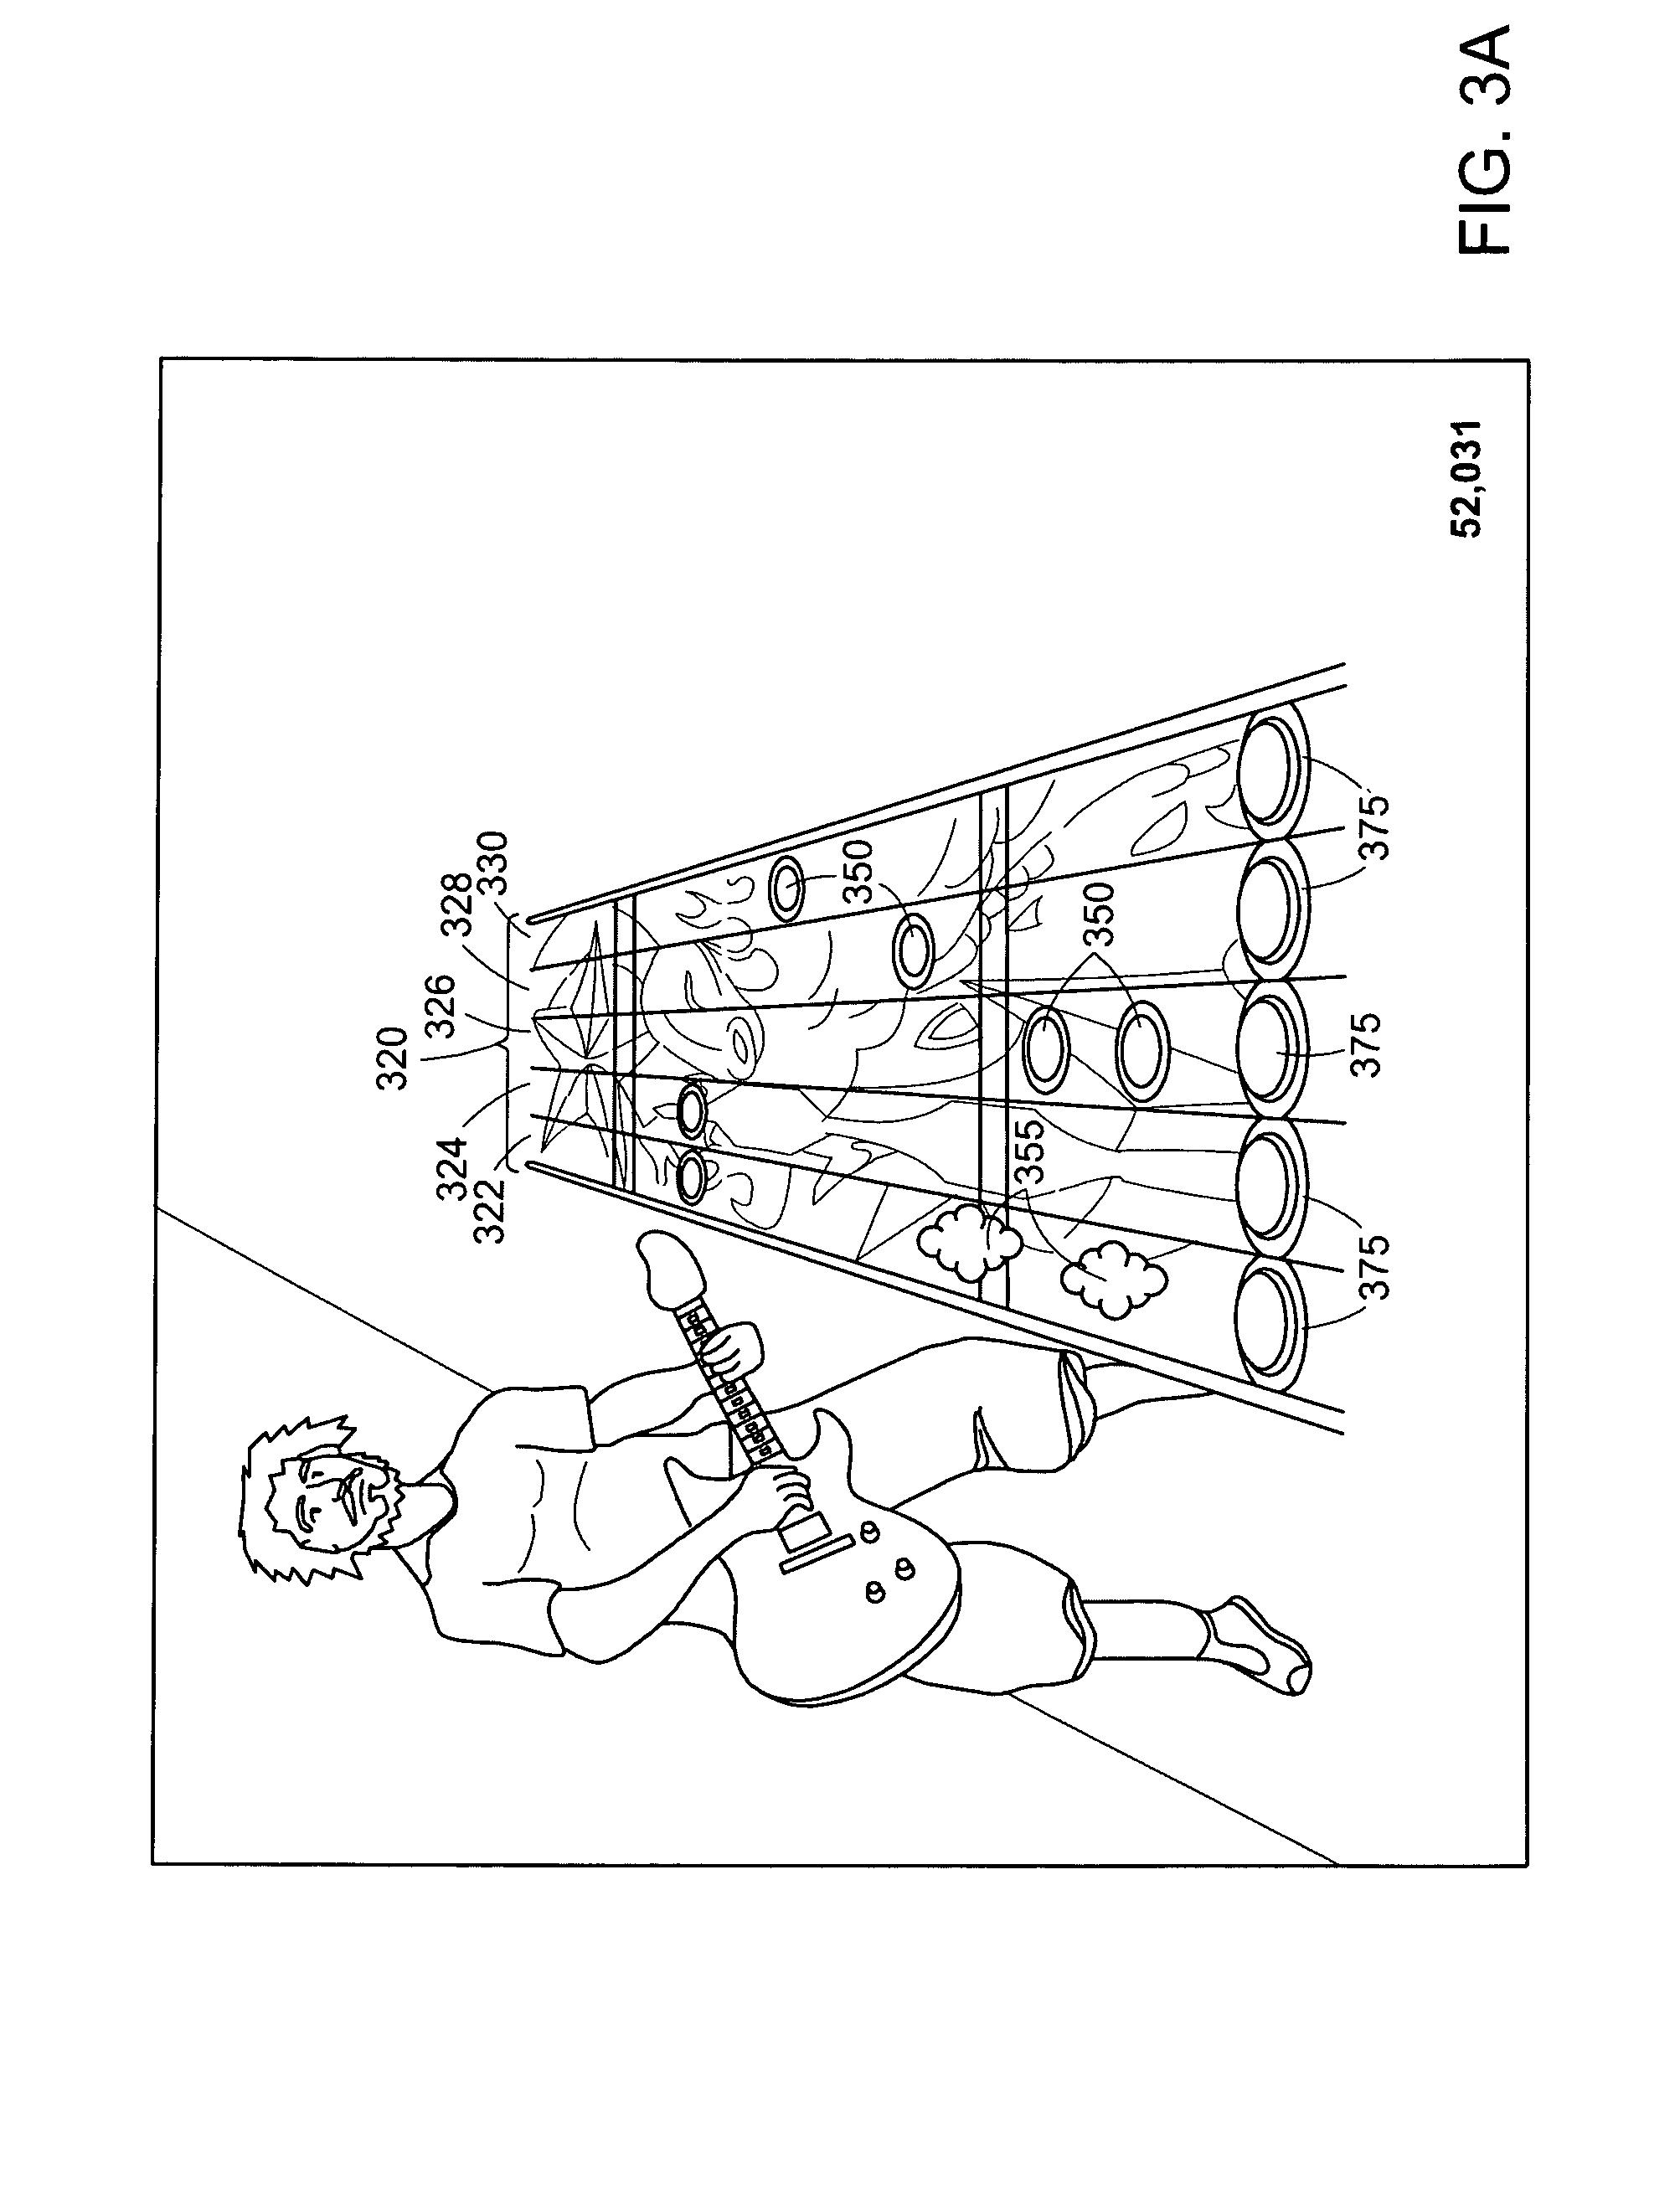 Ski Supreme Boat Wiring Diagram Get Free Image About Wiring Diagram